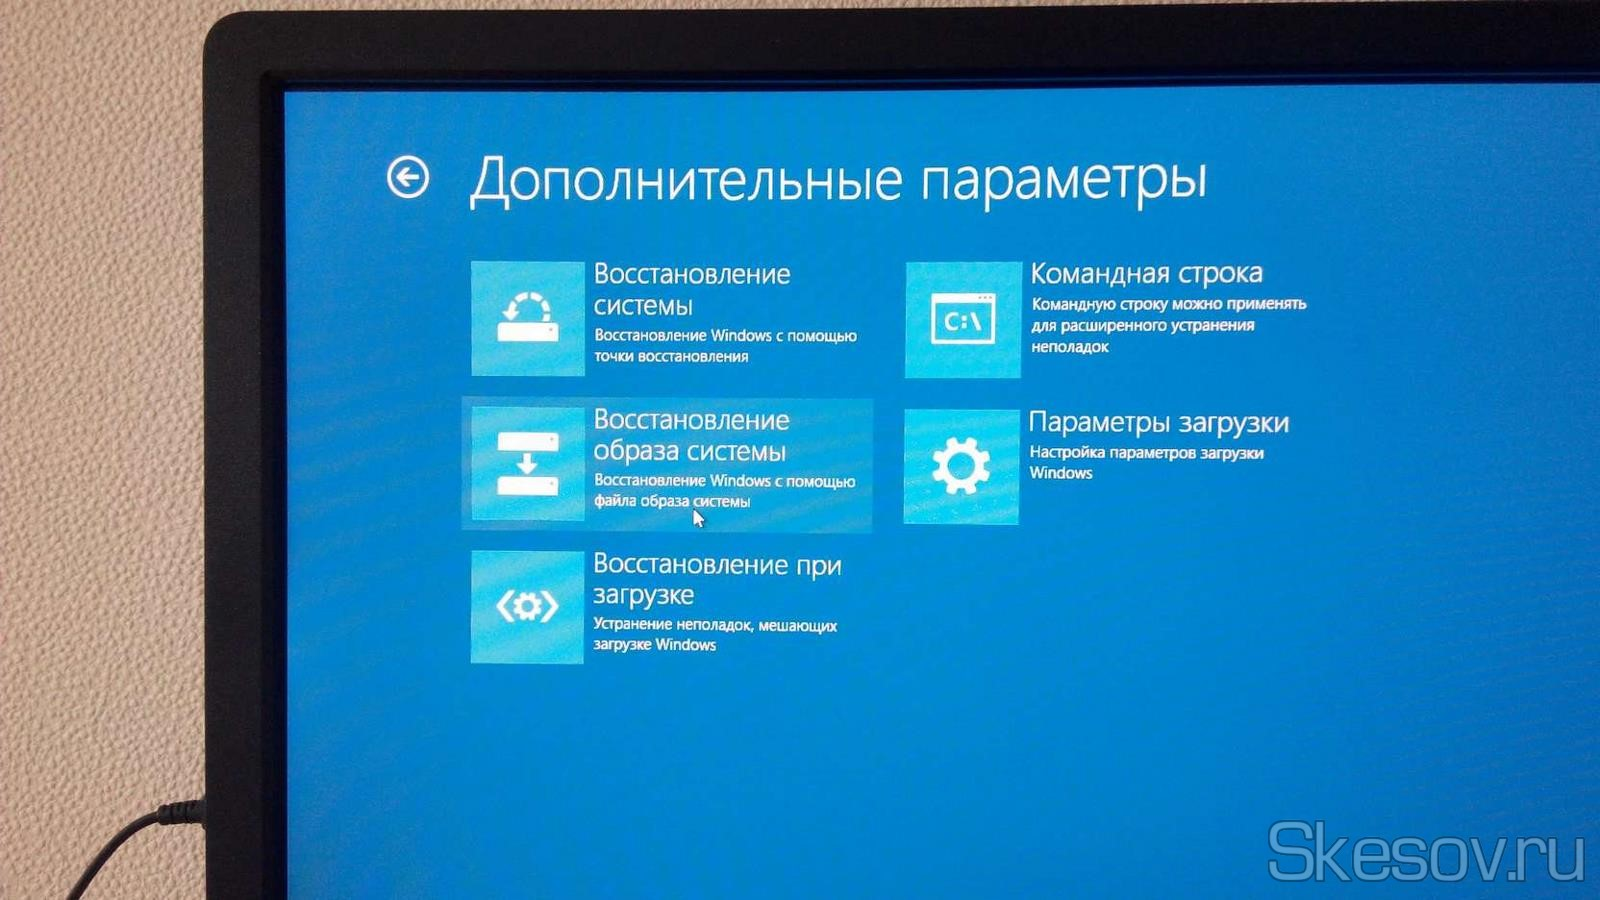 Восстановление windows 8.1 из образа системы